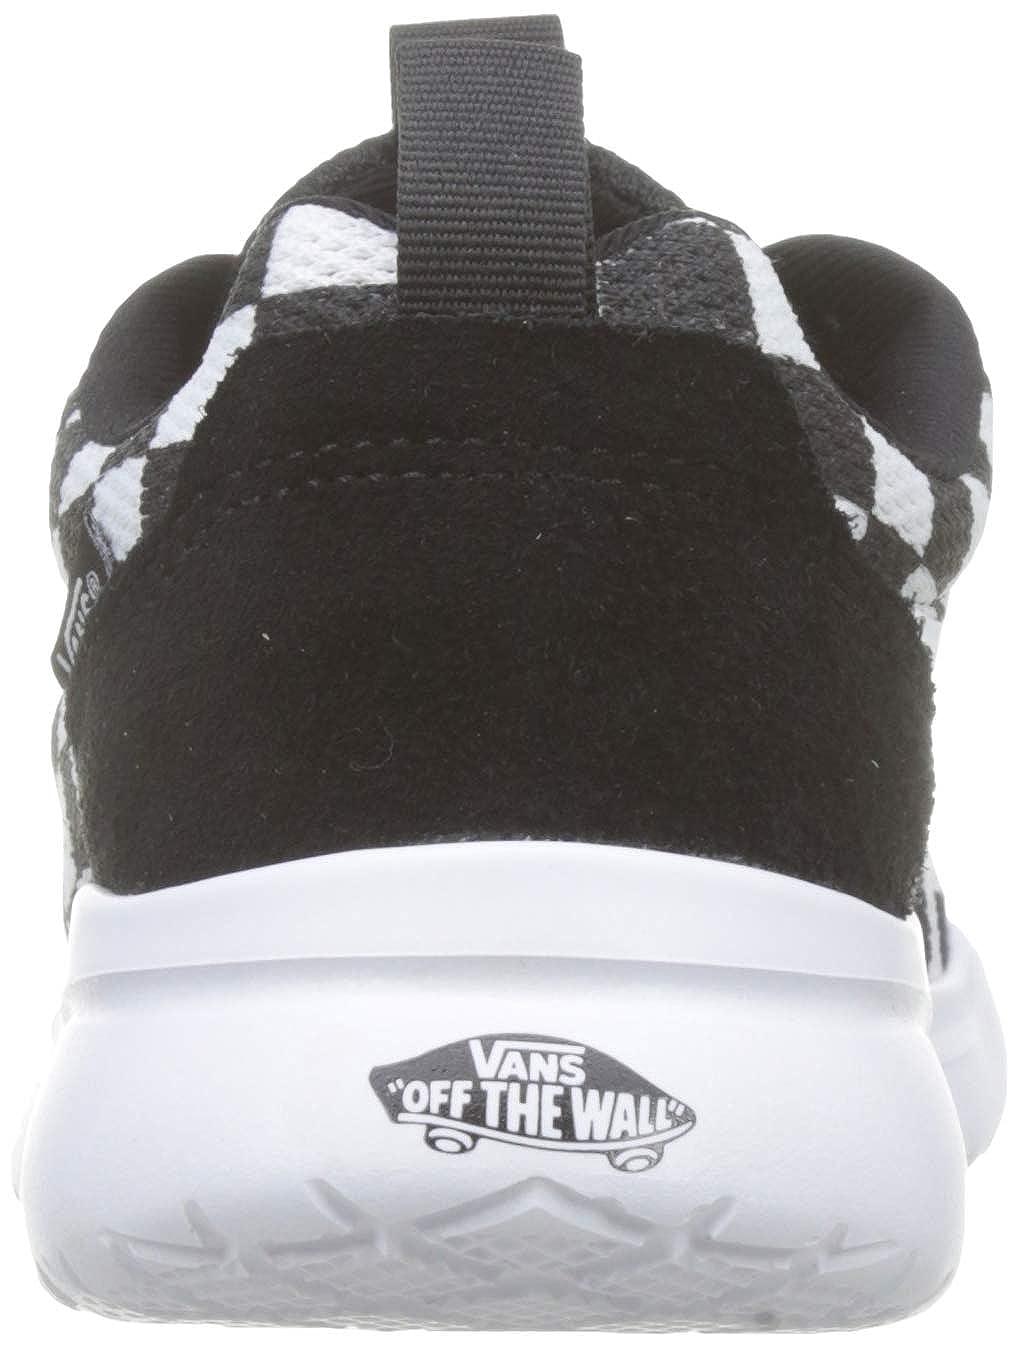 Amazon.com: Vans Cerus Rw - Zapatillas deportivas para mujer ...